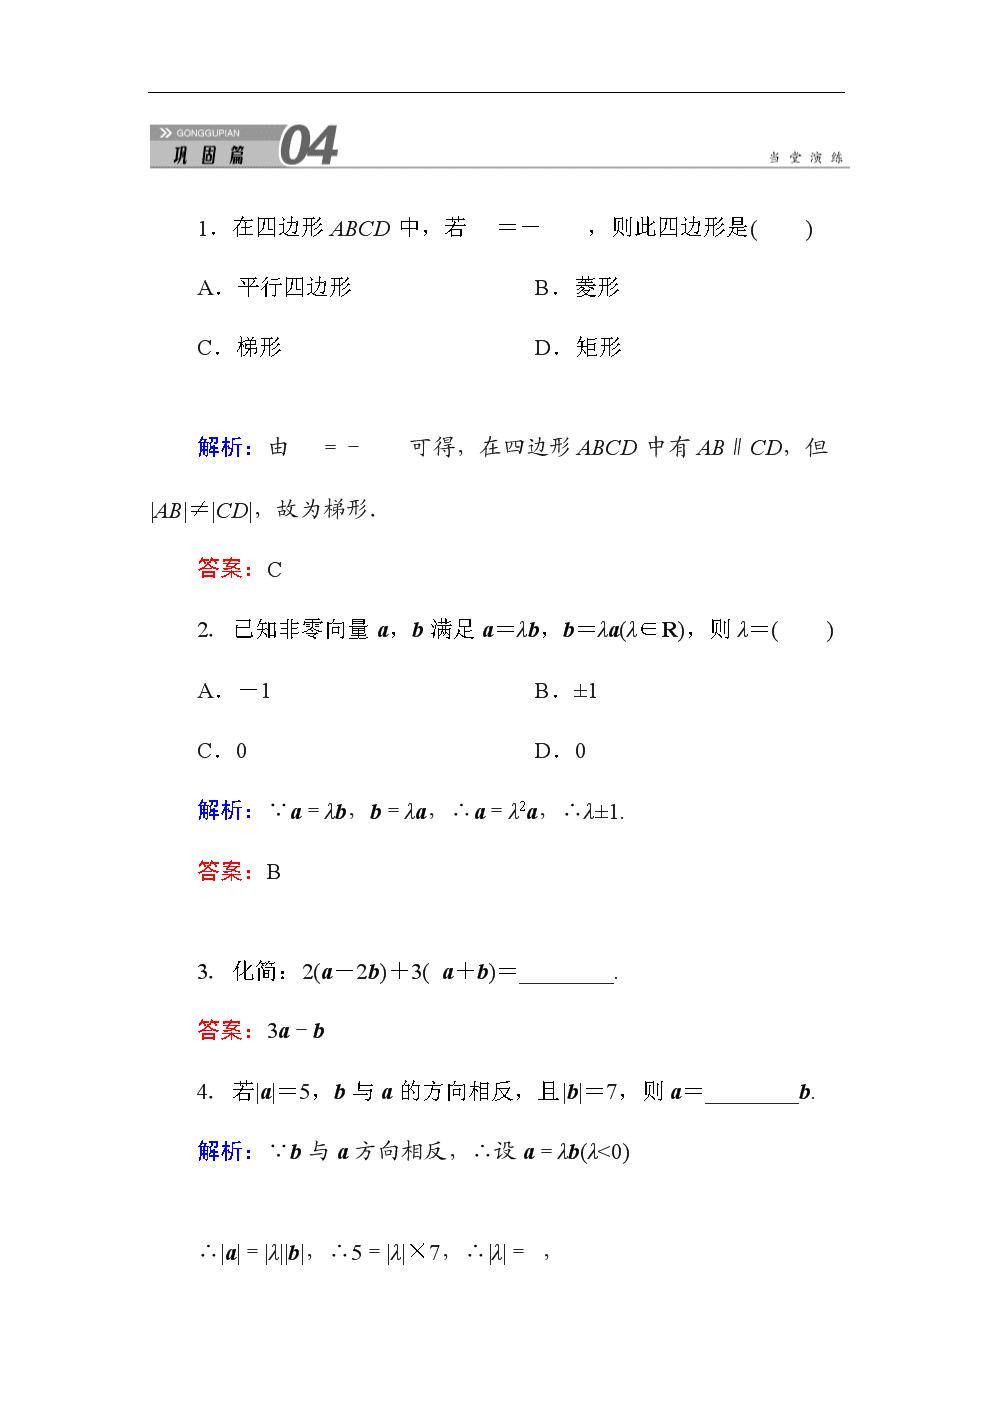 人教A版高中数学必修4练习手册:2-2-3向量数乘运算及其几何意义(附答案).doc